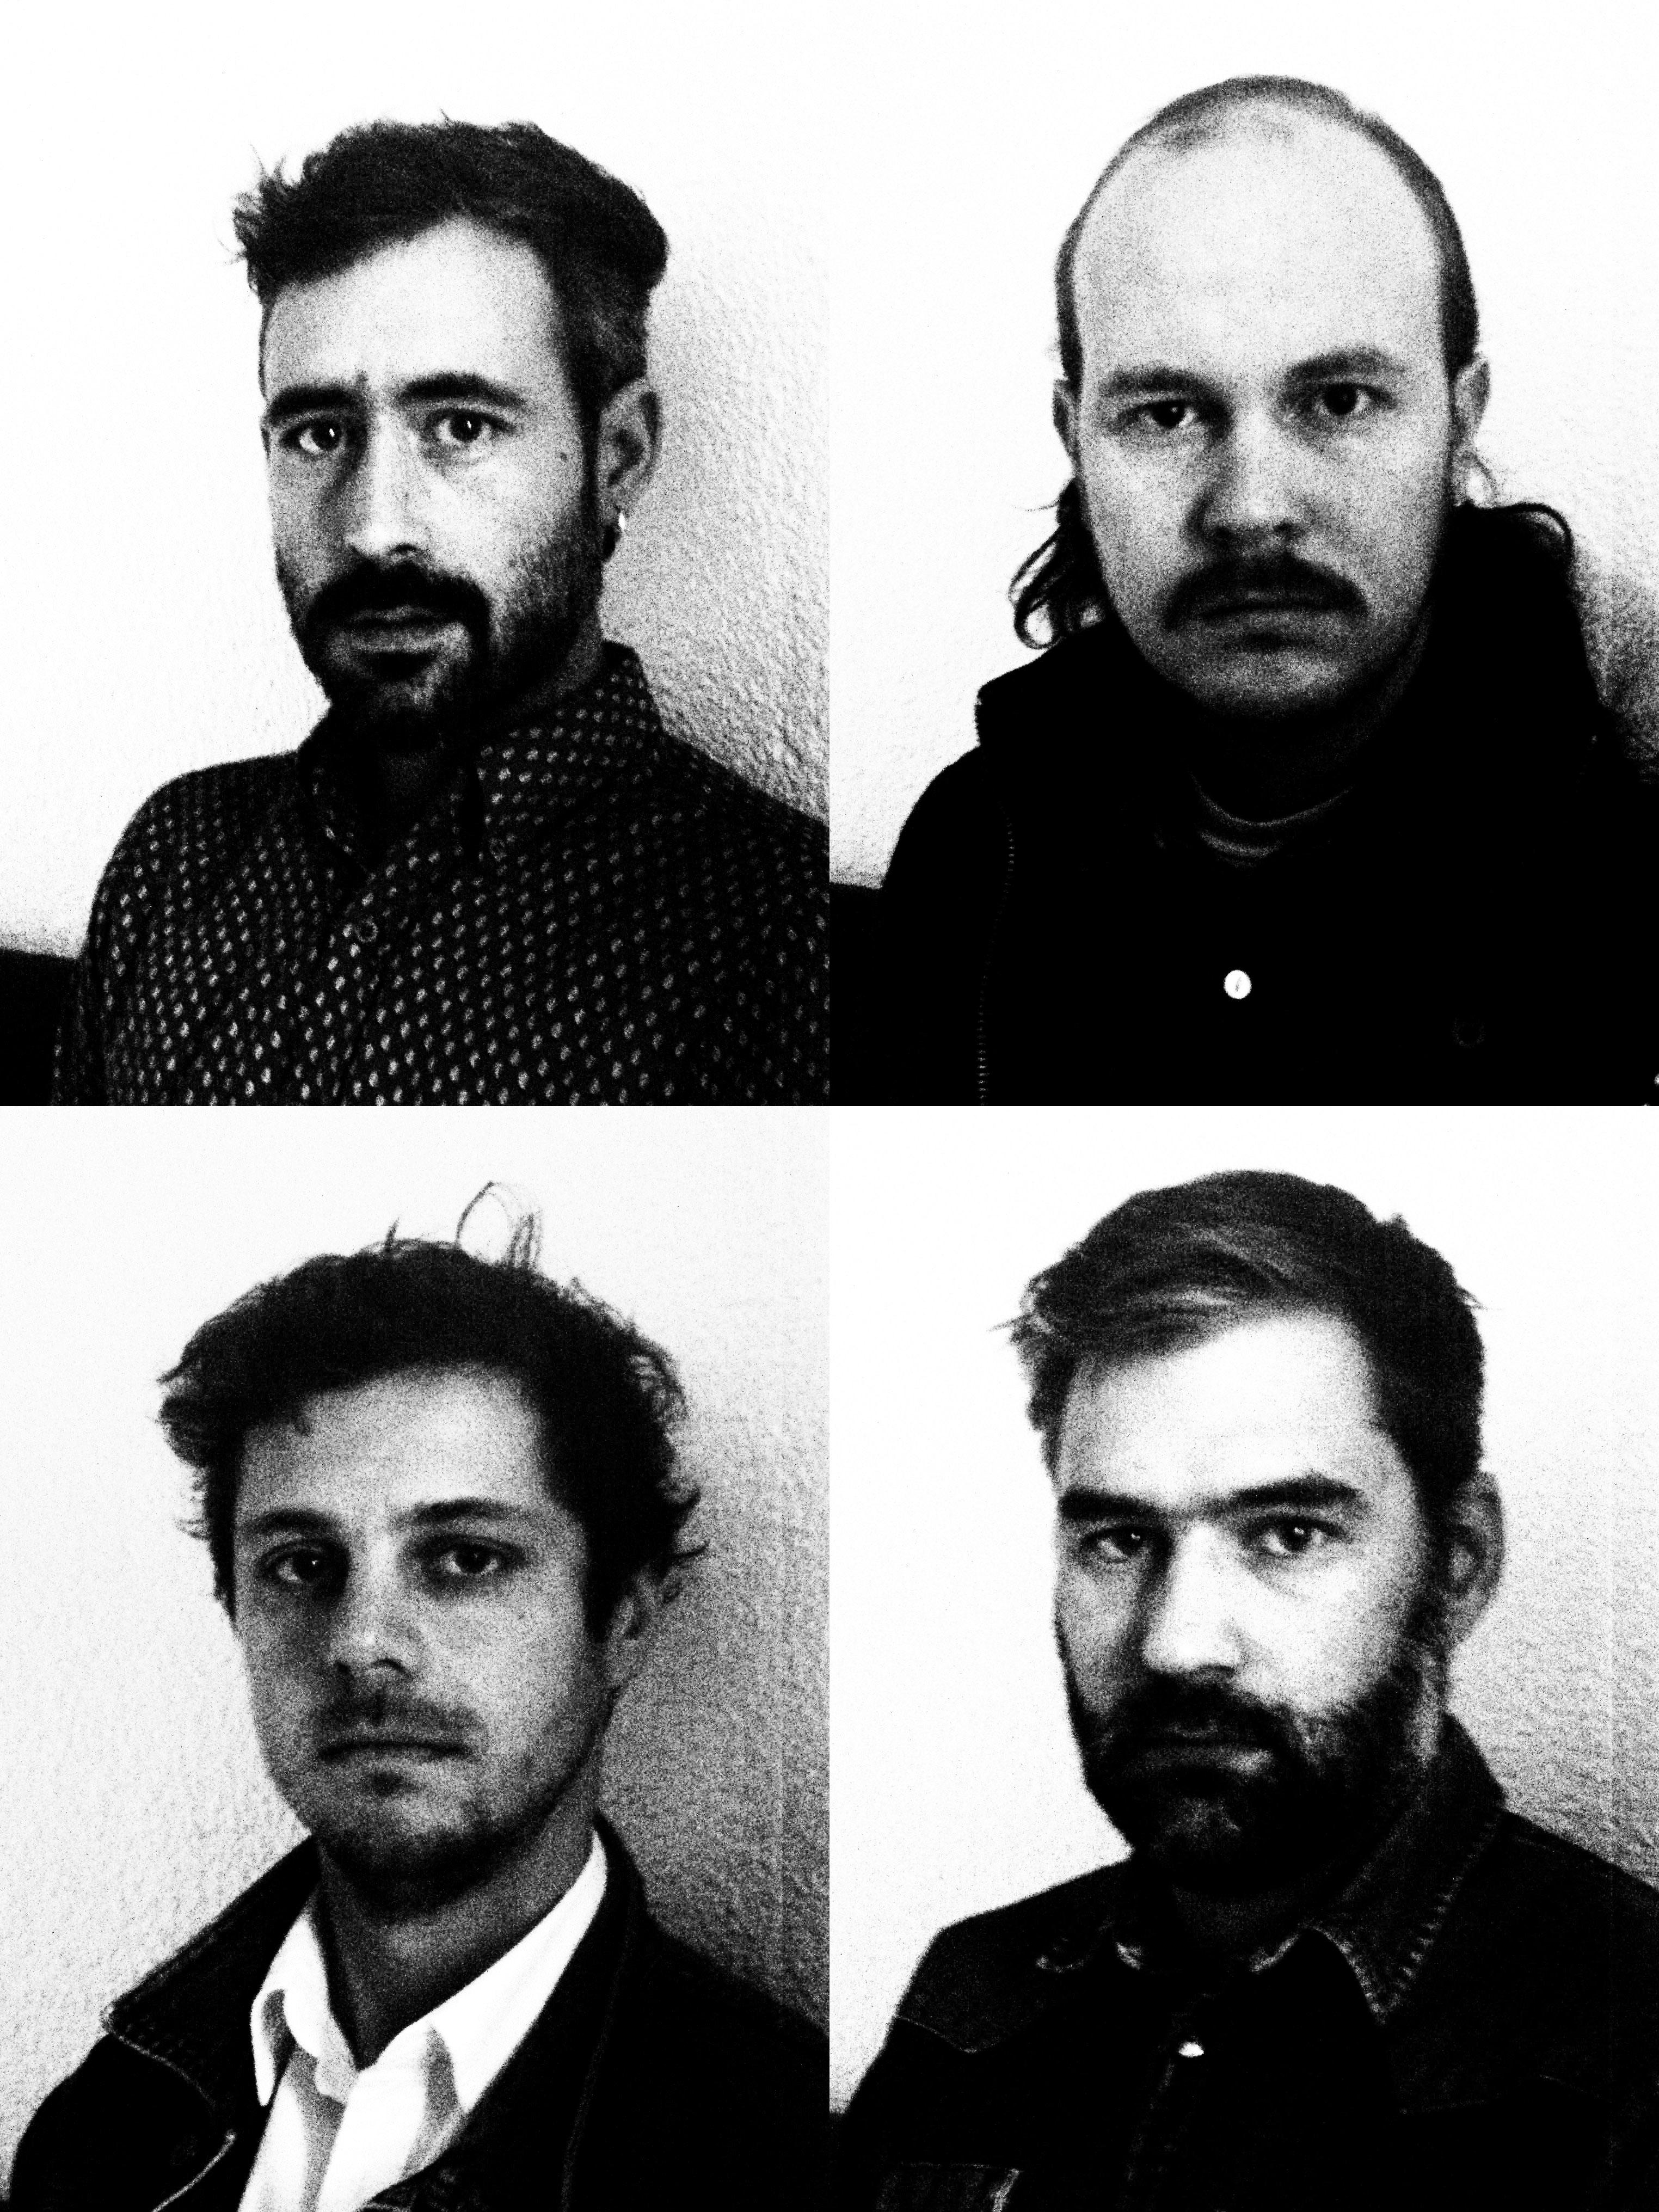 Olivier Fairfield, Taylor Kirk, Mathieu Charbonneau & Simon Trottier=Timber Timbre. Photo Credit: Jean-Baptiste Toussaint